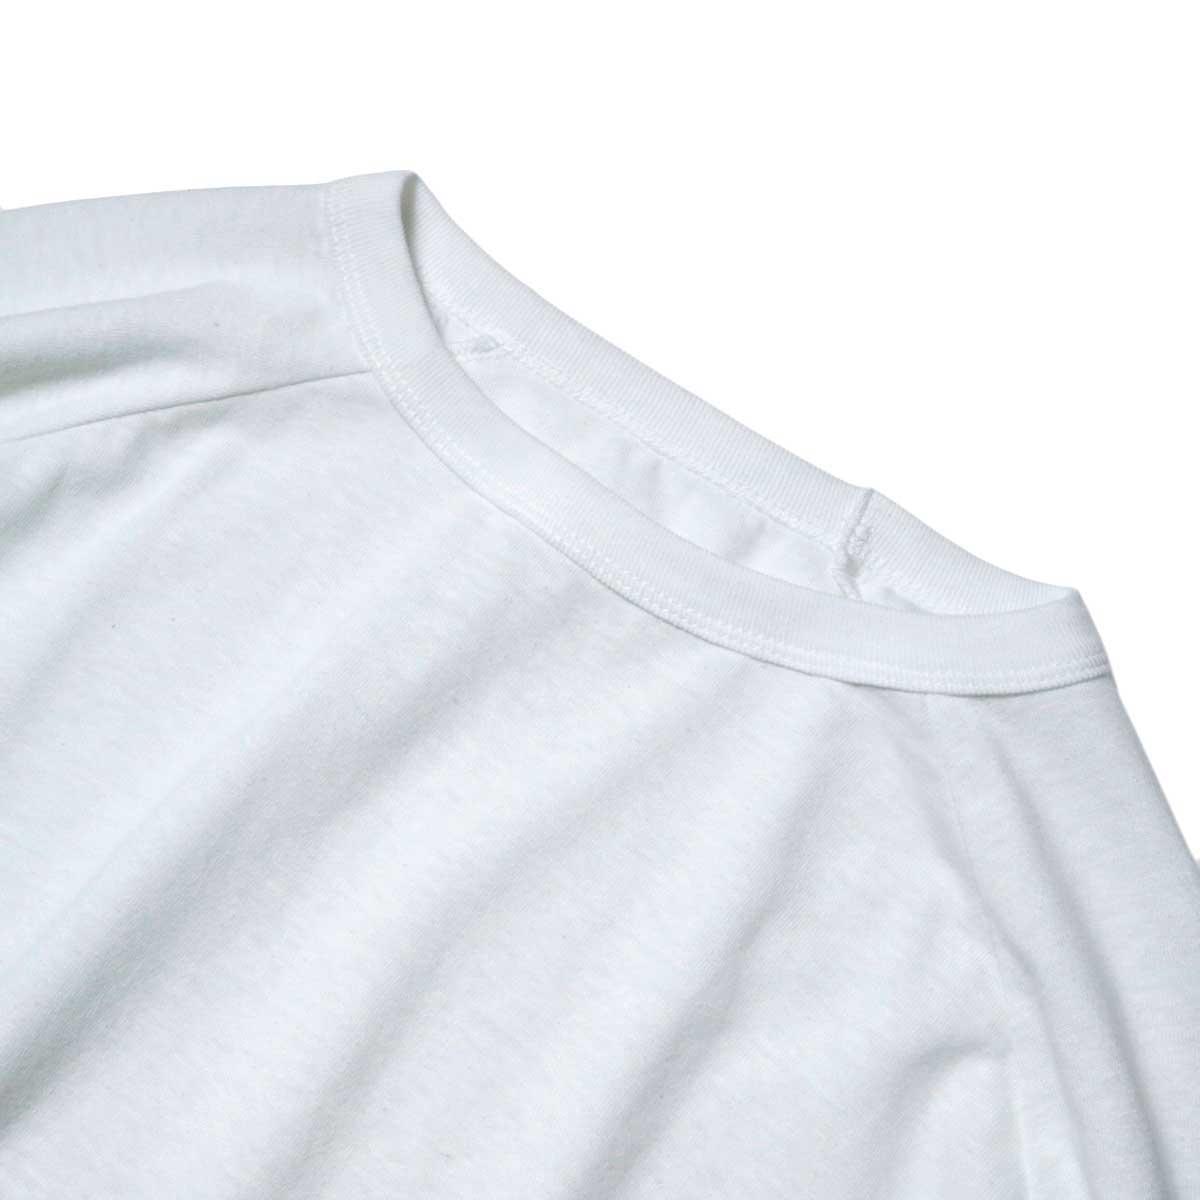 SOIL / DOLMAN SLEEVE CREW-NECK PULLOVER (Off White) ネック